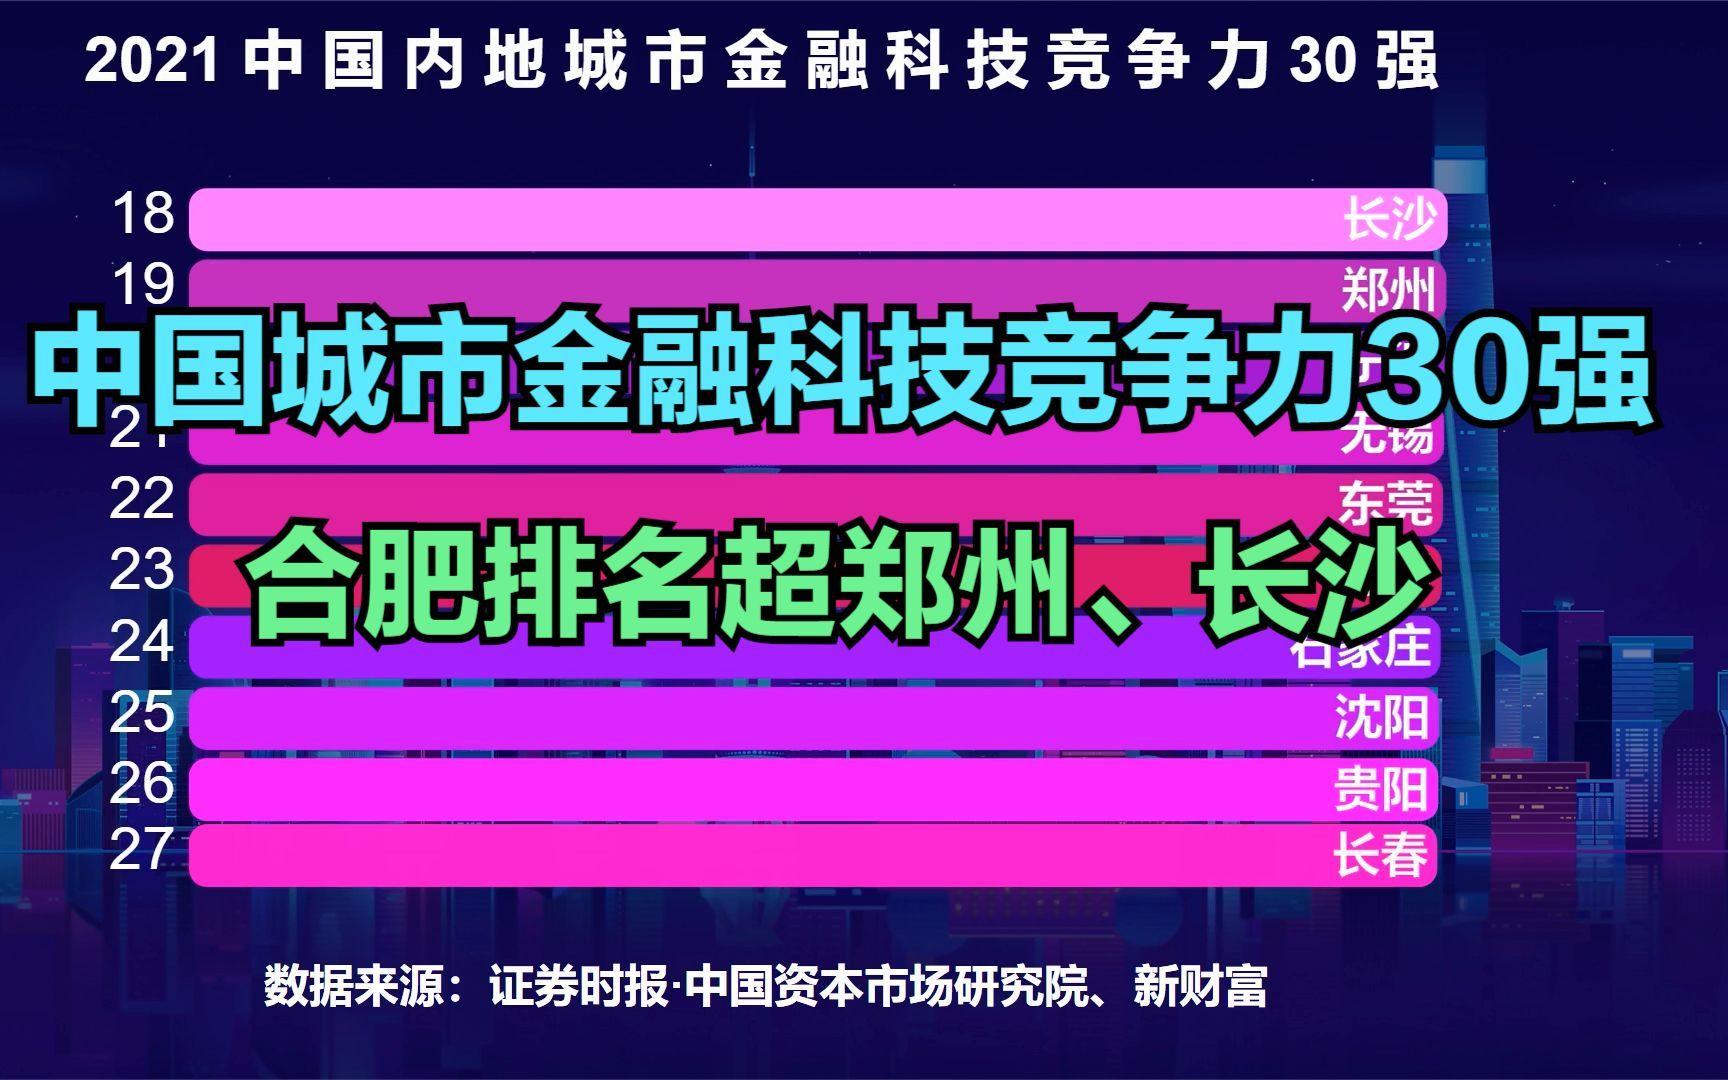 最新2021中国内地城市金融科技竞争力30强,深圳实力紧追京沪,合肥力压长沙和郑州